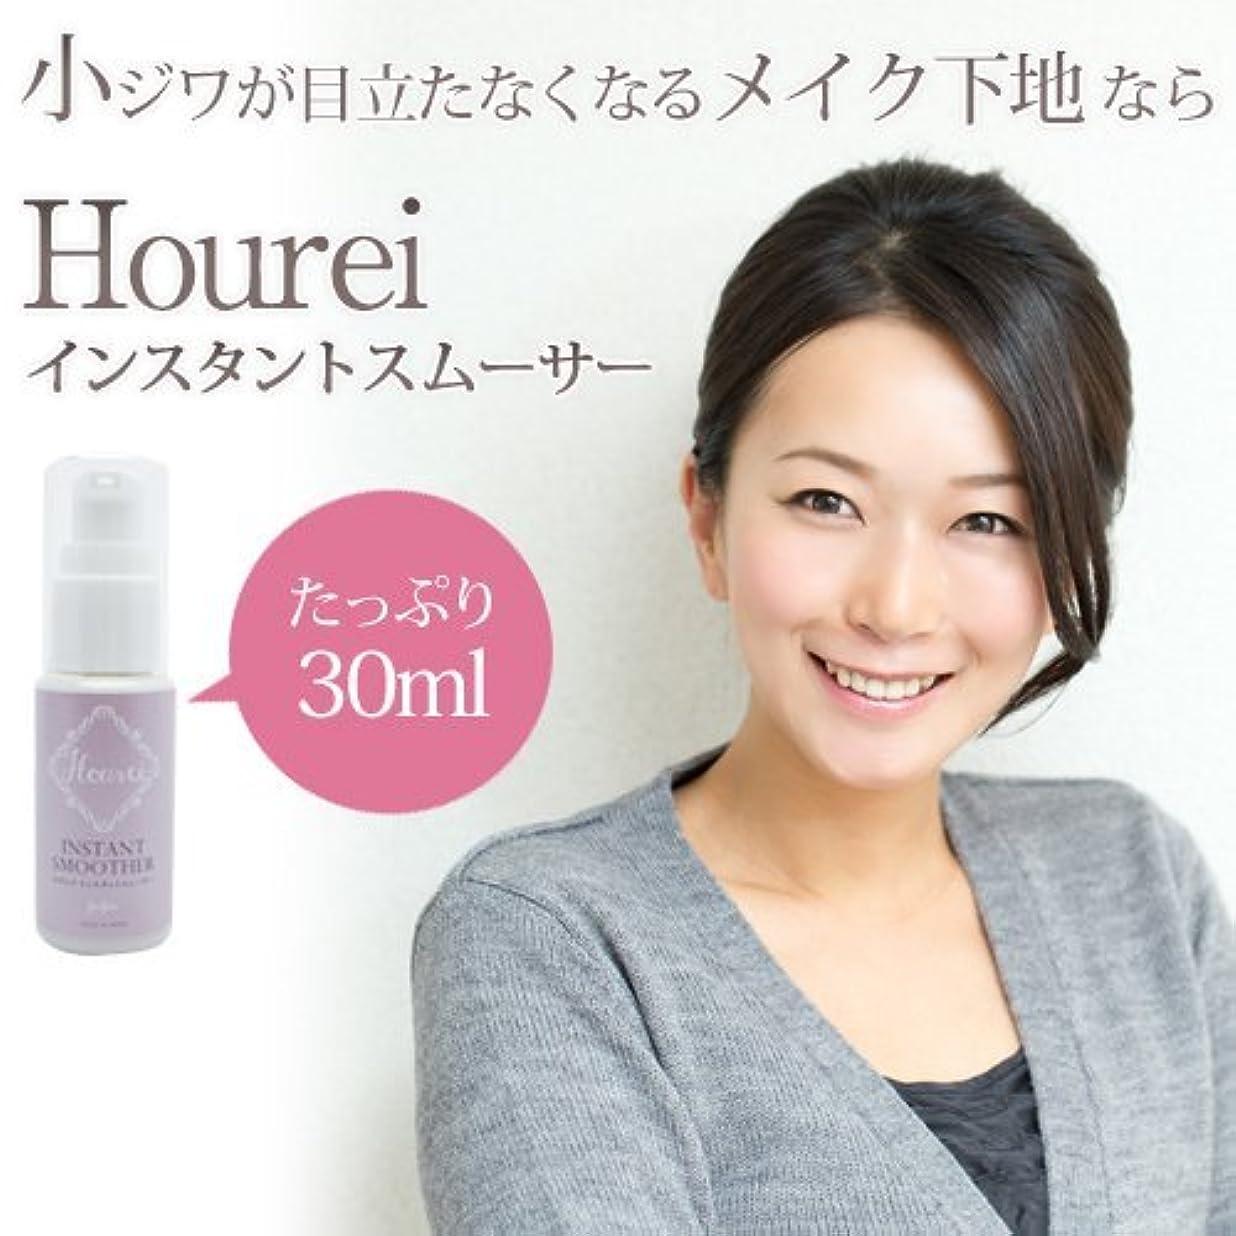 アンティーク弁護振るHourei(ホウレイ) インスタントスムーサー30ml